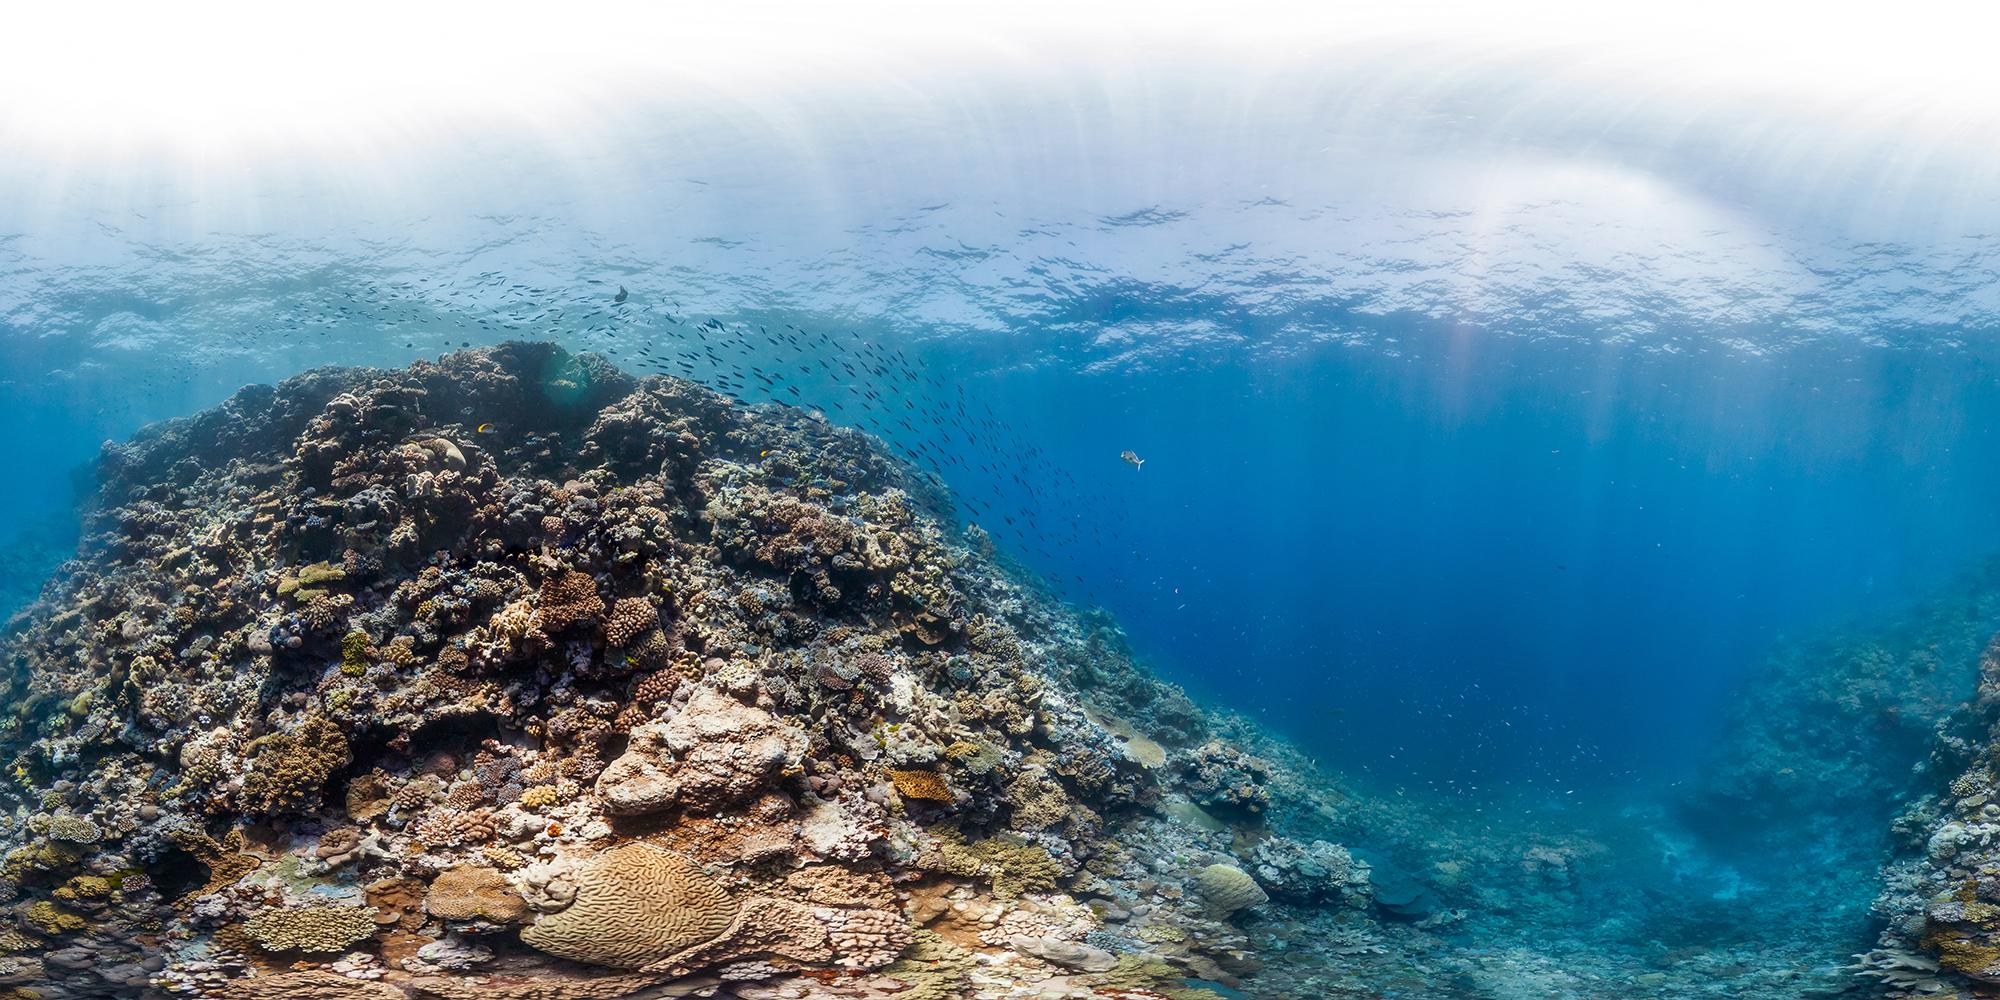 mantis reef, GREAT BARRIER REEF CREDIT: THE OCEAN AGENCY / XL CATLIN SEAVIEW SURVEY